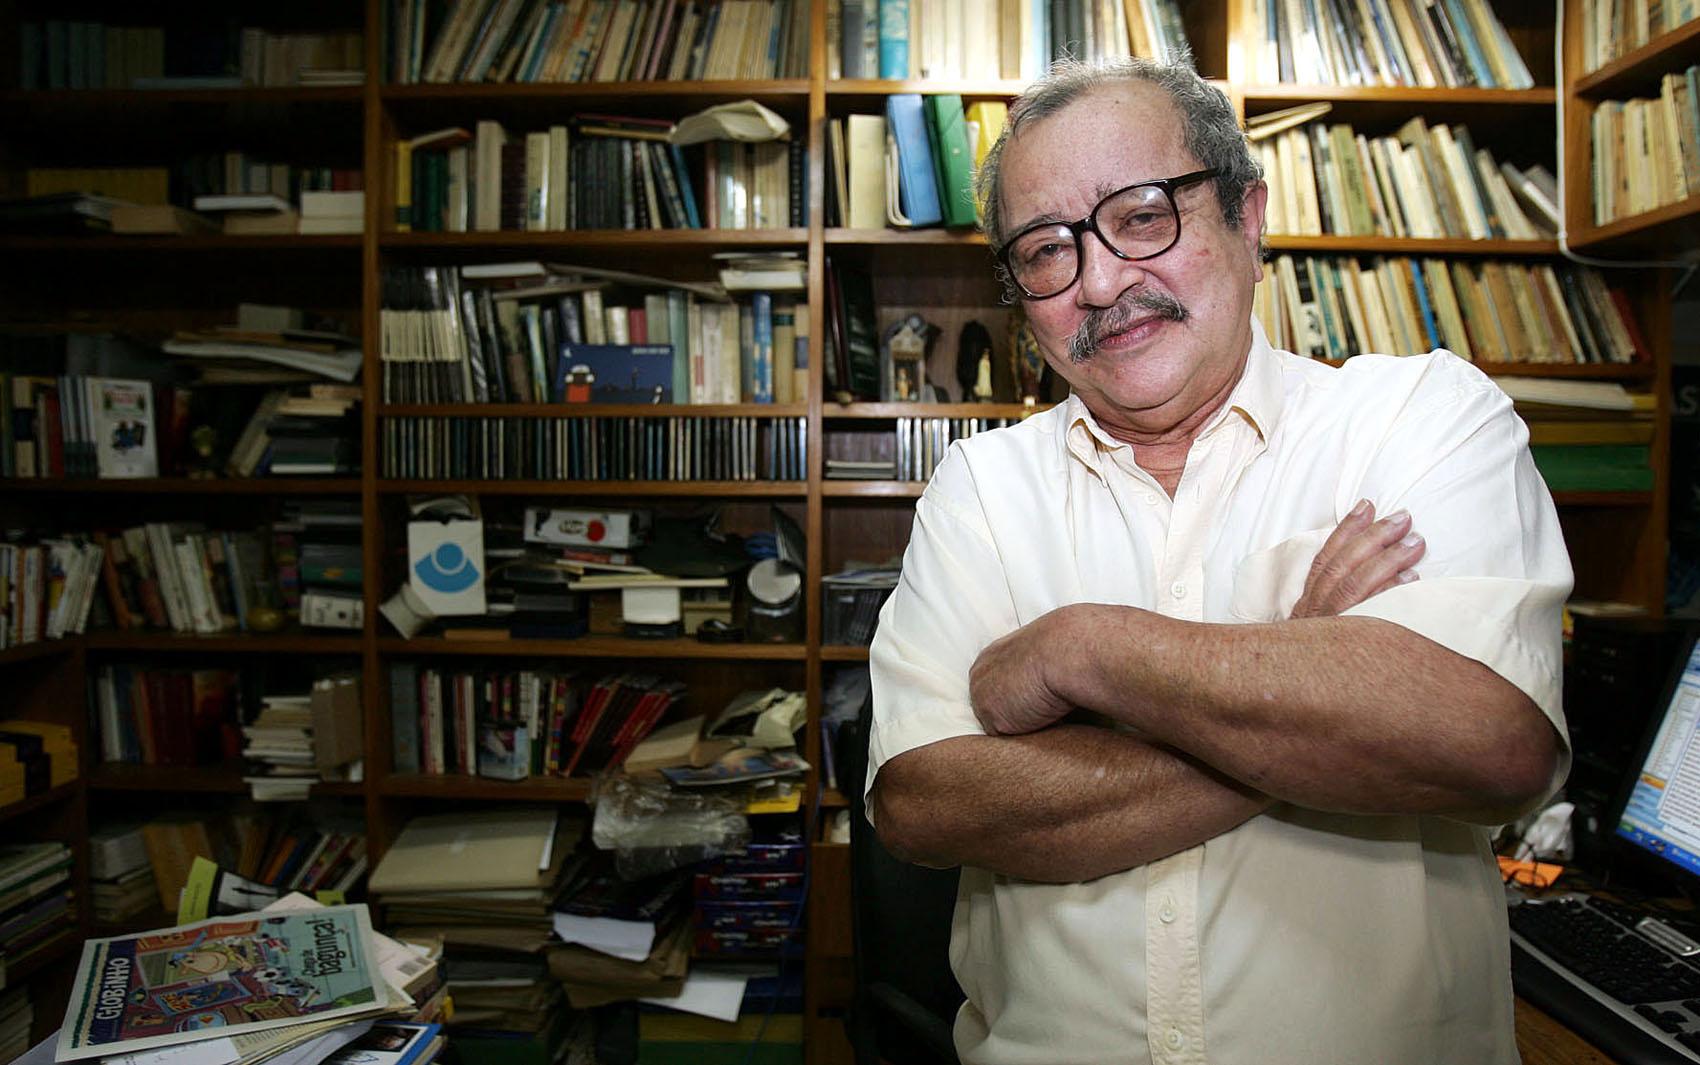 """Ele é autor de livros como """"Sargento Getúlio"""", """"O sorriso do lagarto"""", """"A casa dos budas ditosos"""" e """"Viva o povo brasileiro""""."""